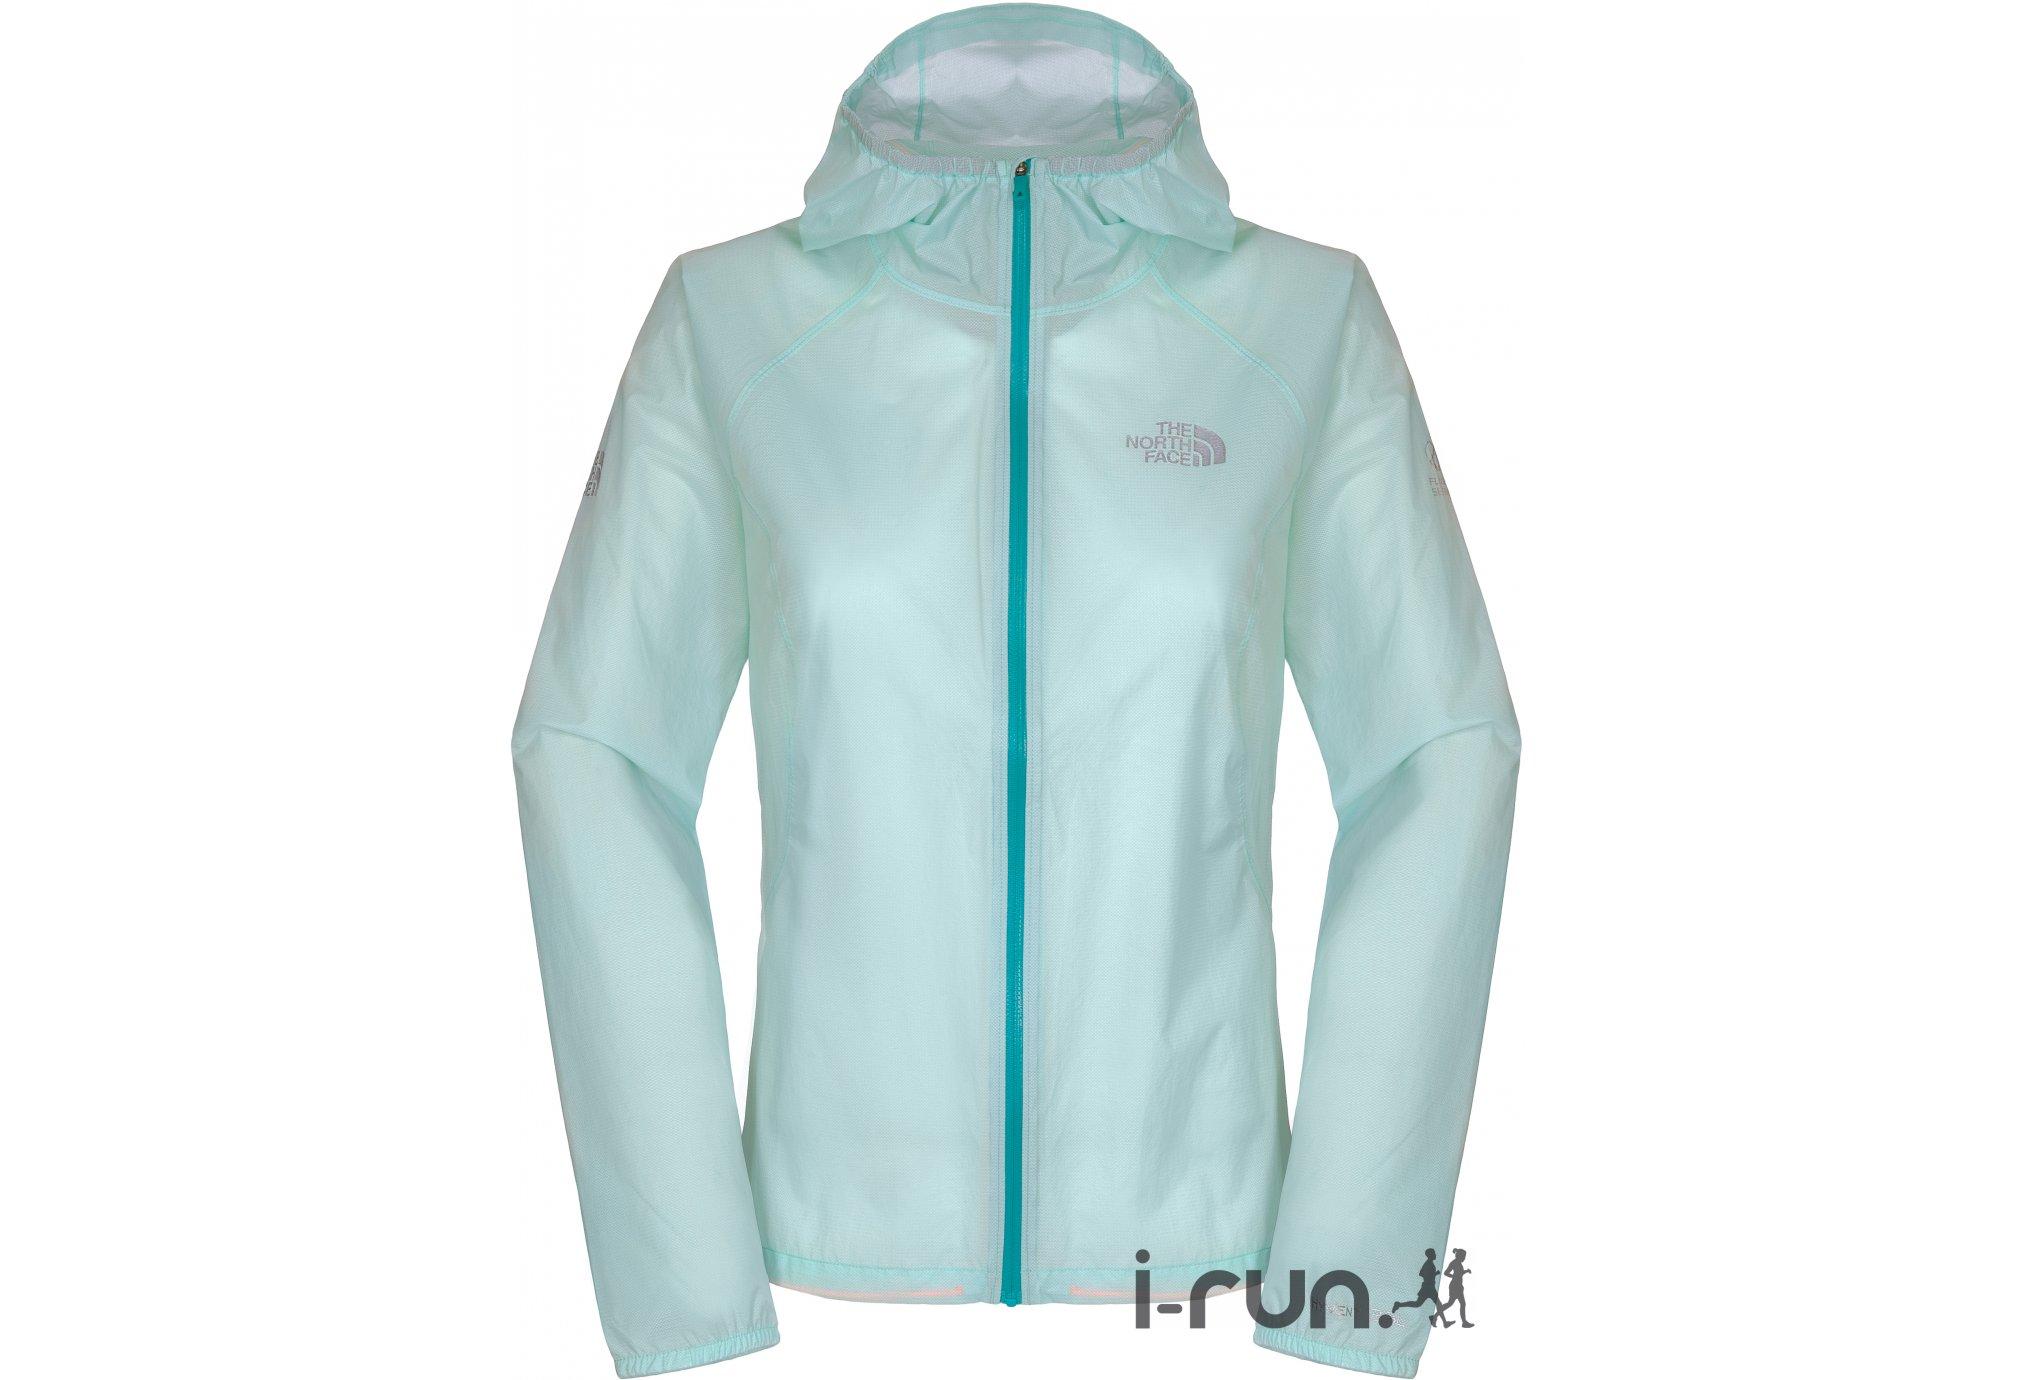 Encore The – U Kit Plus Run Léger 2014 Utmb® Face® North pXdw8dq